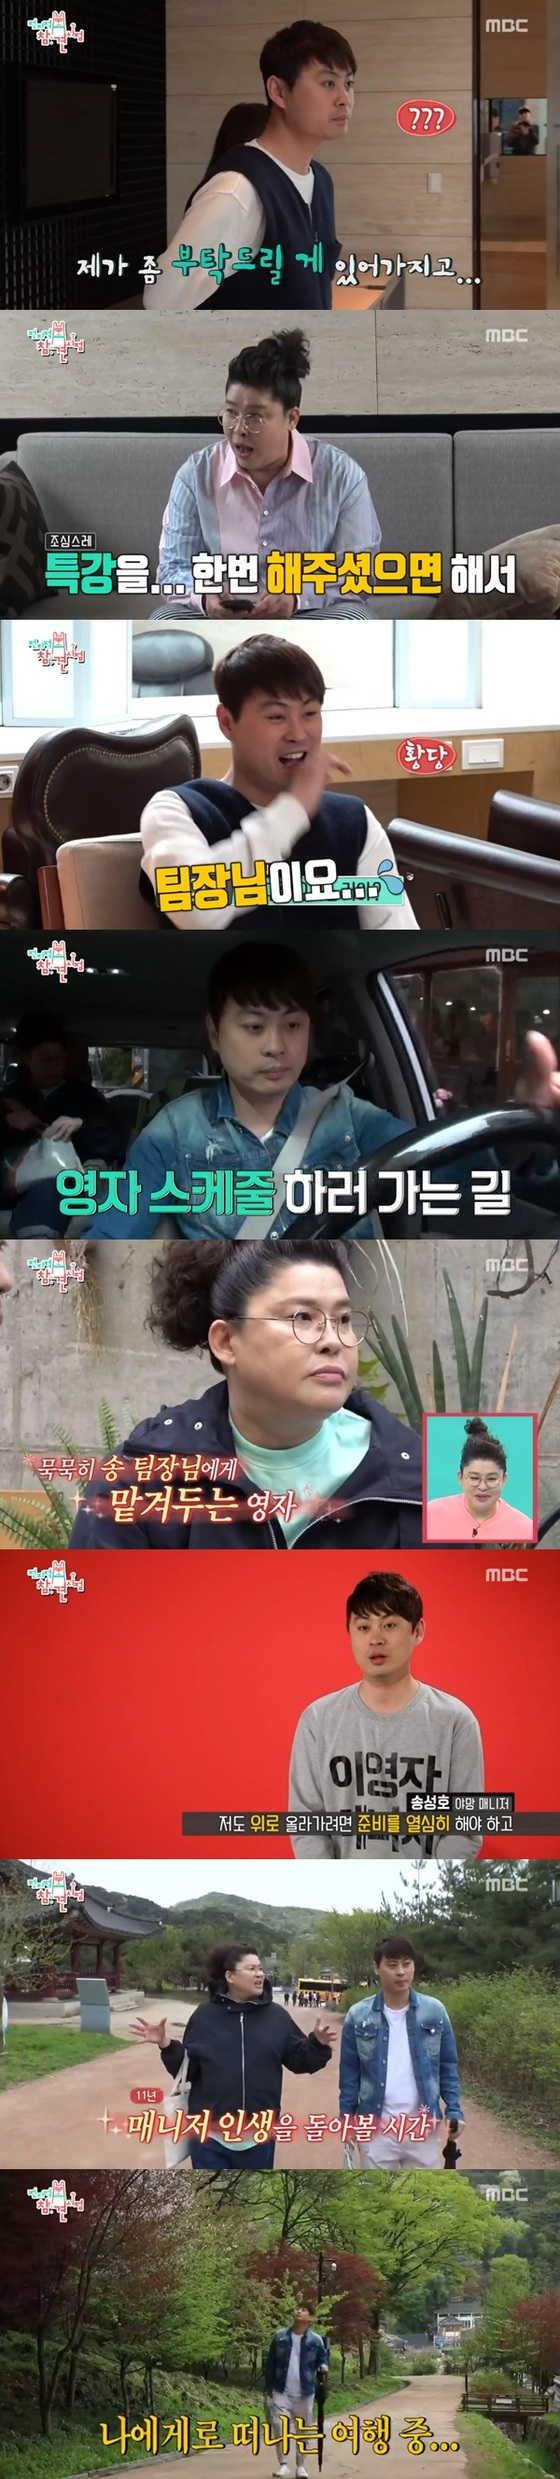 '전참시' 이영자 매니저, 송이 매니저 부탁에 특강 준비(종합)